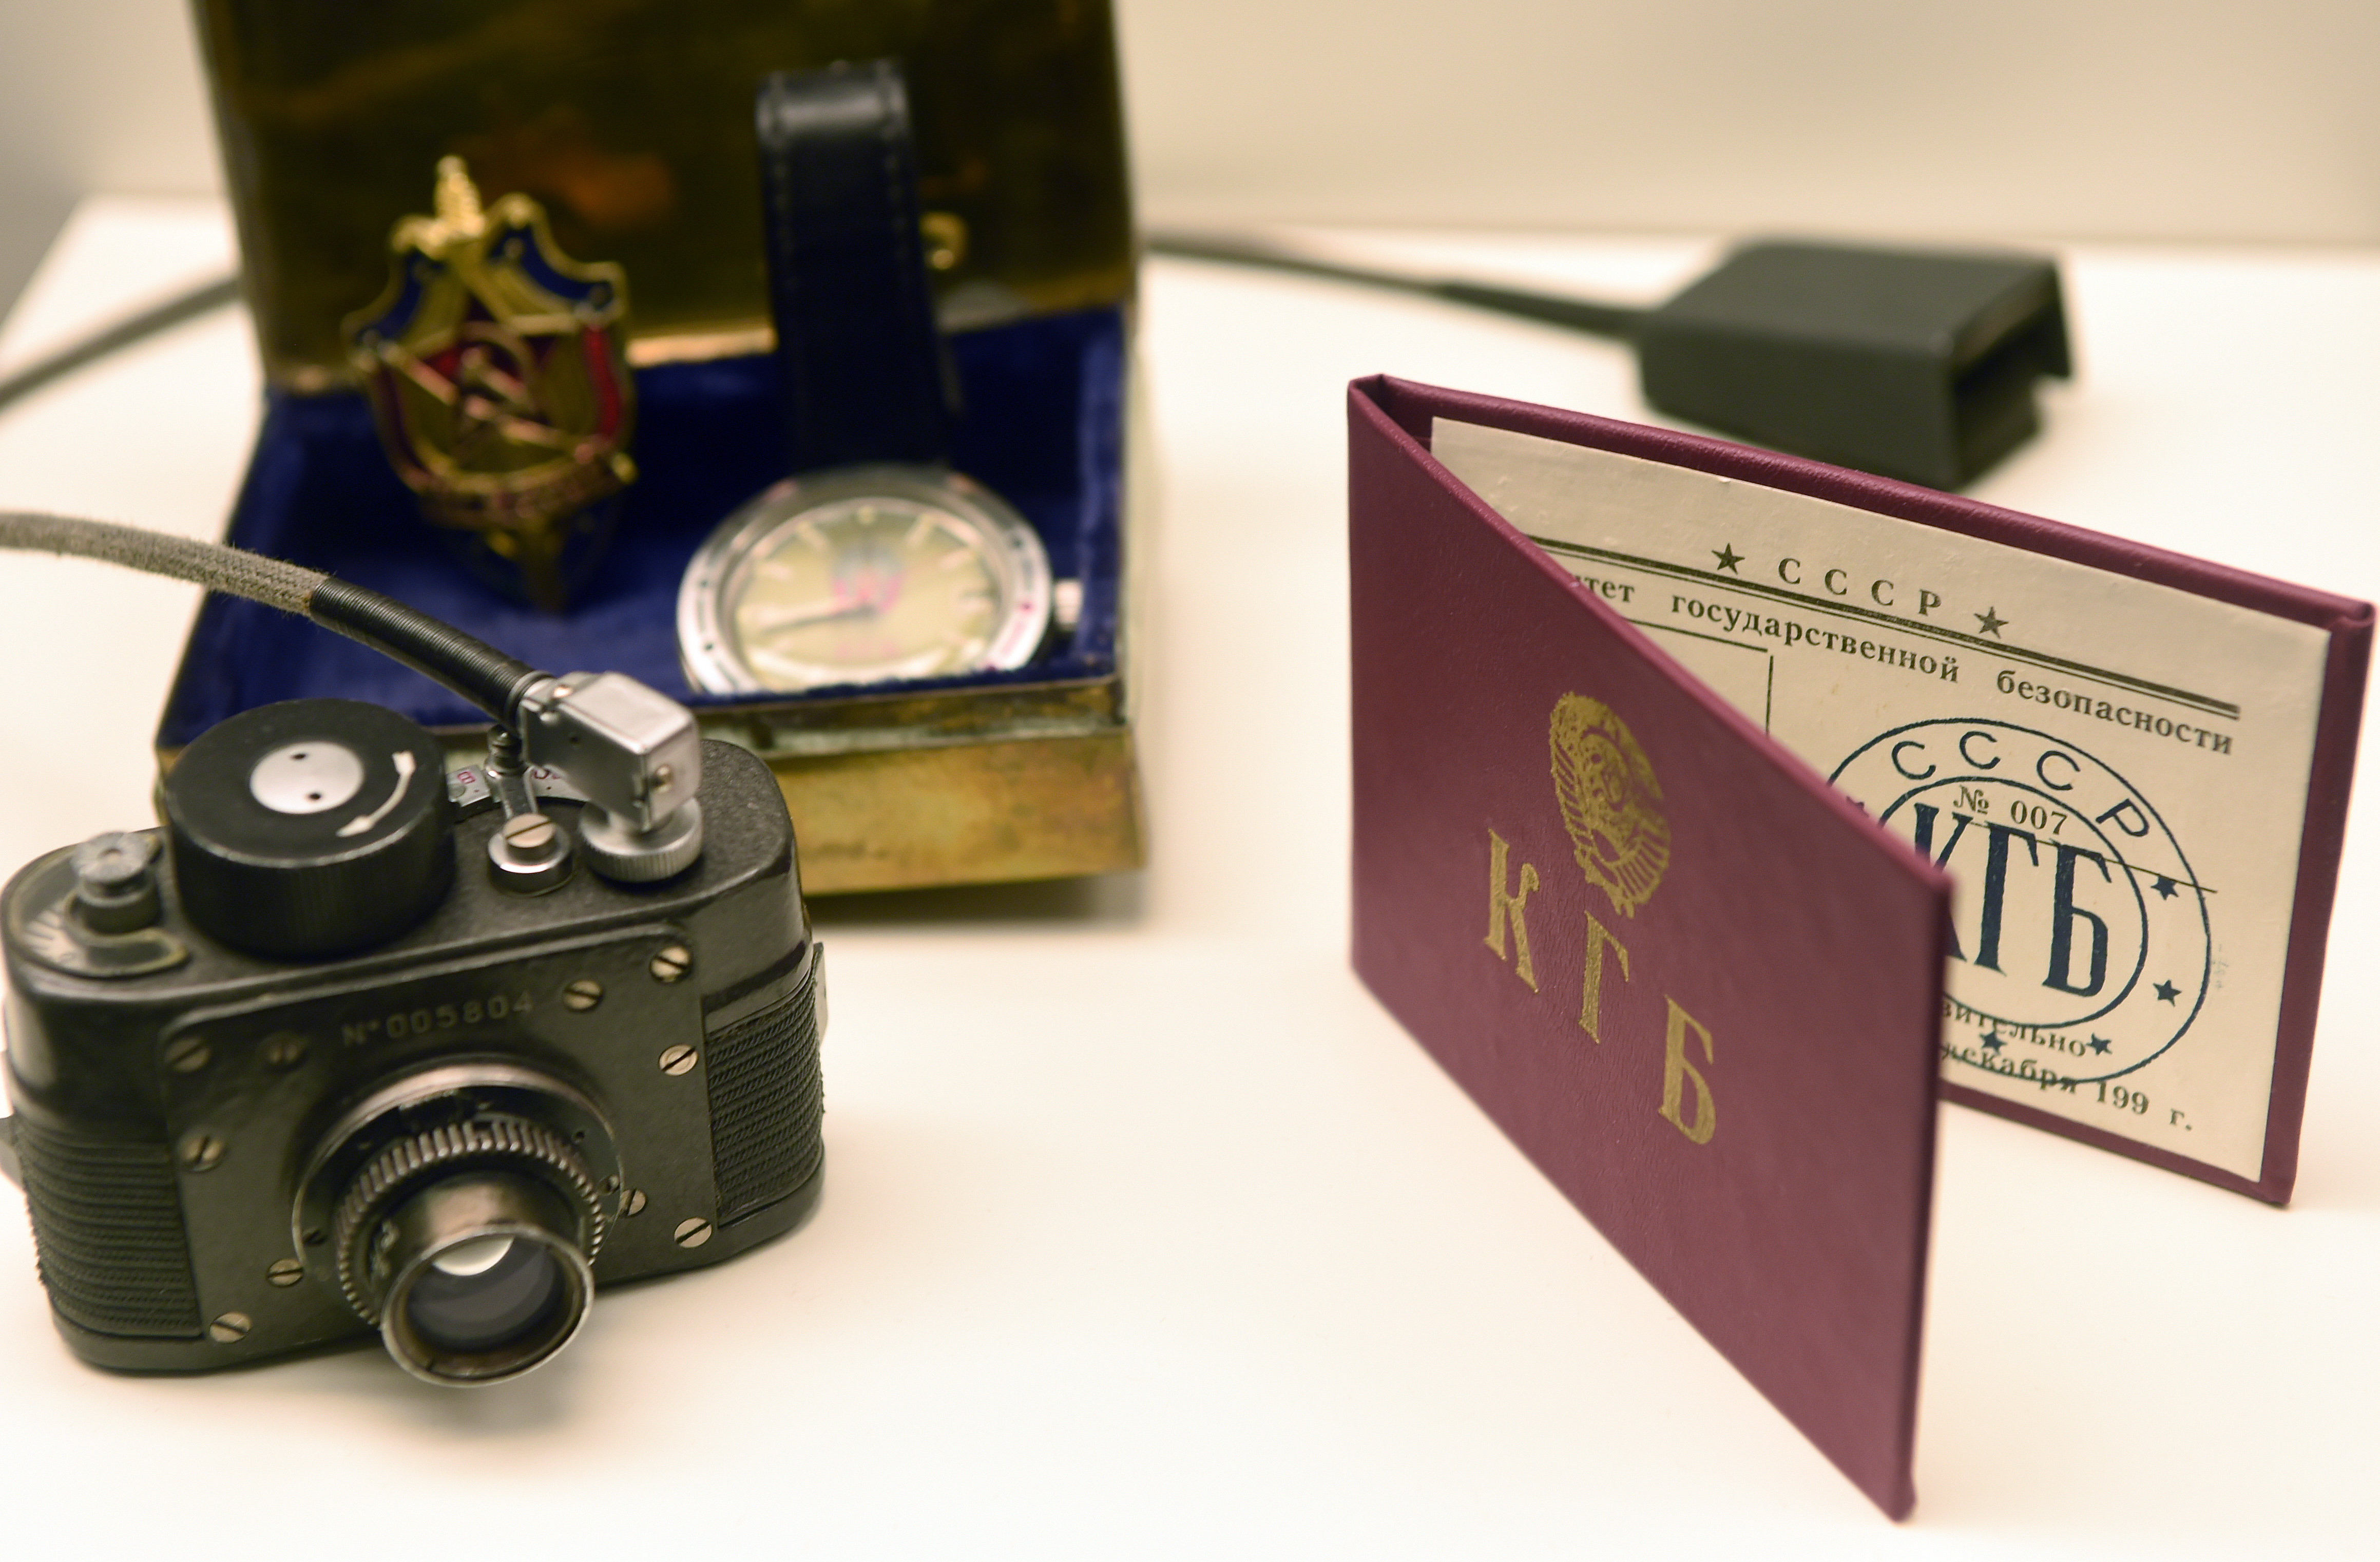 Les avoirs d'un agent du KGB exposés au Musée d'espionnage en Allemagne